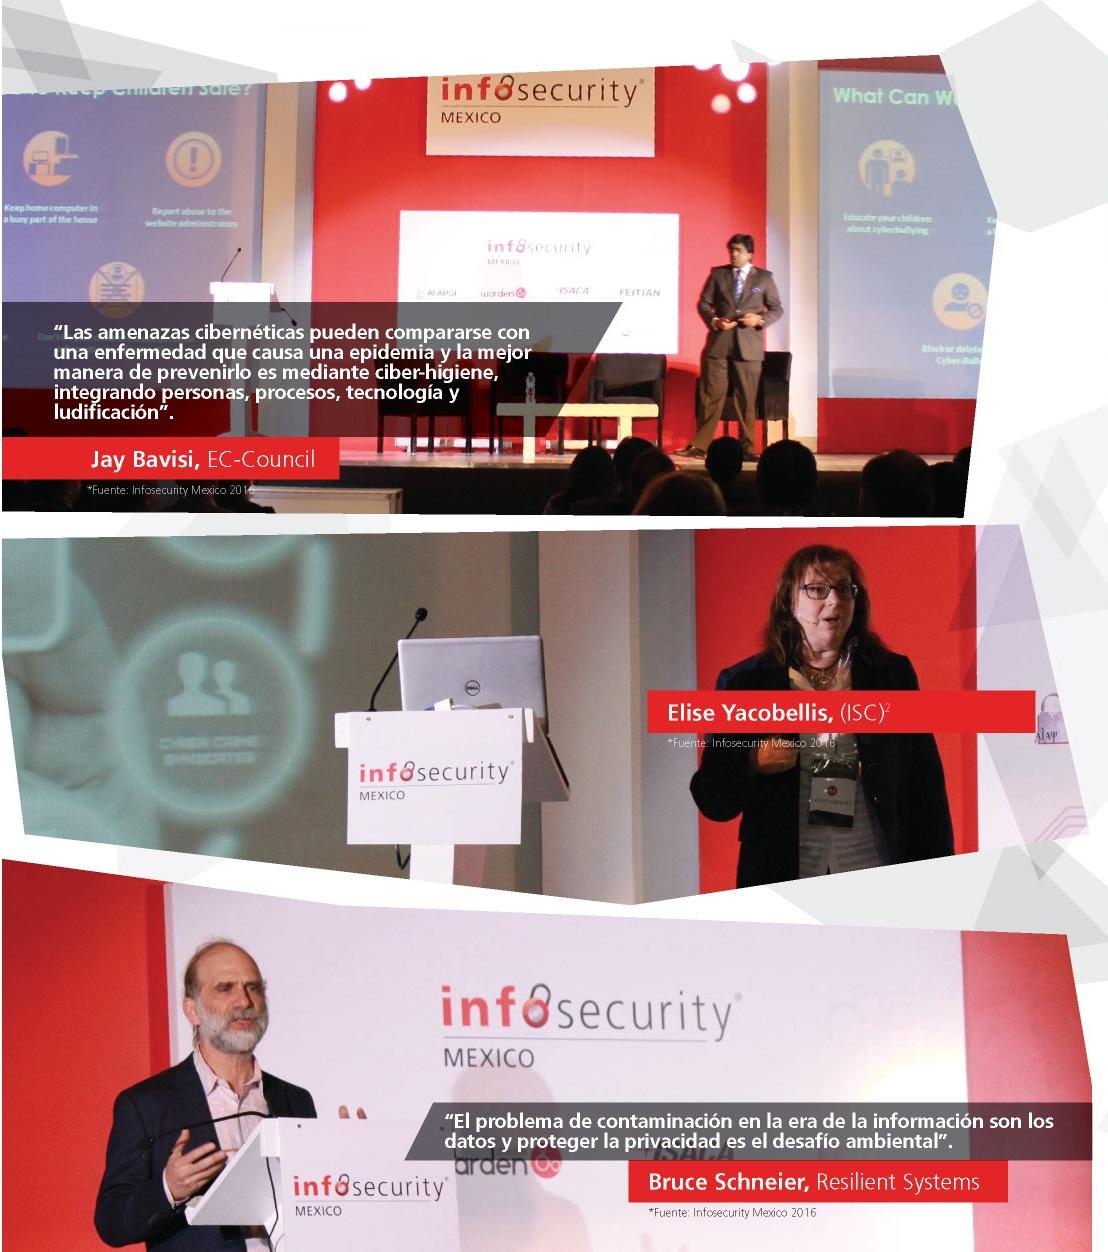 Infosecurity Summit 2016